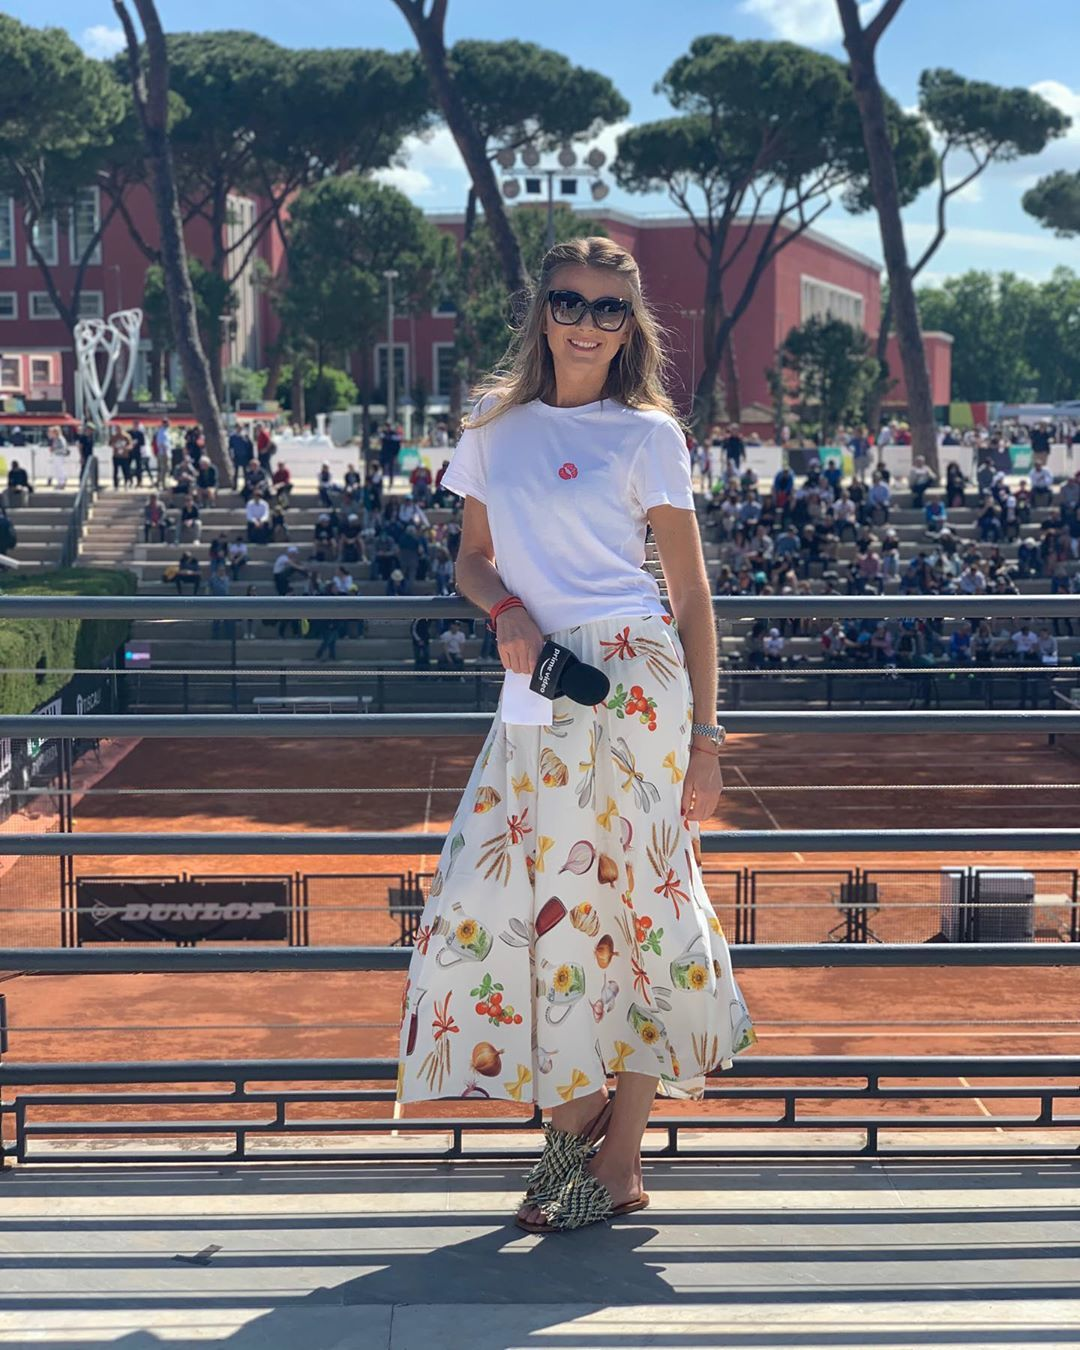 Půvabná Slovenka Daniela Hantuchová praštila s profesionálním tenisem před dvěma lety. Momentálně pracuje pro televizní společnosti jako expert!